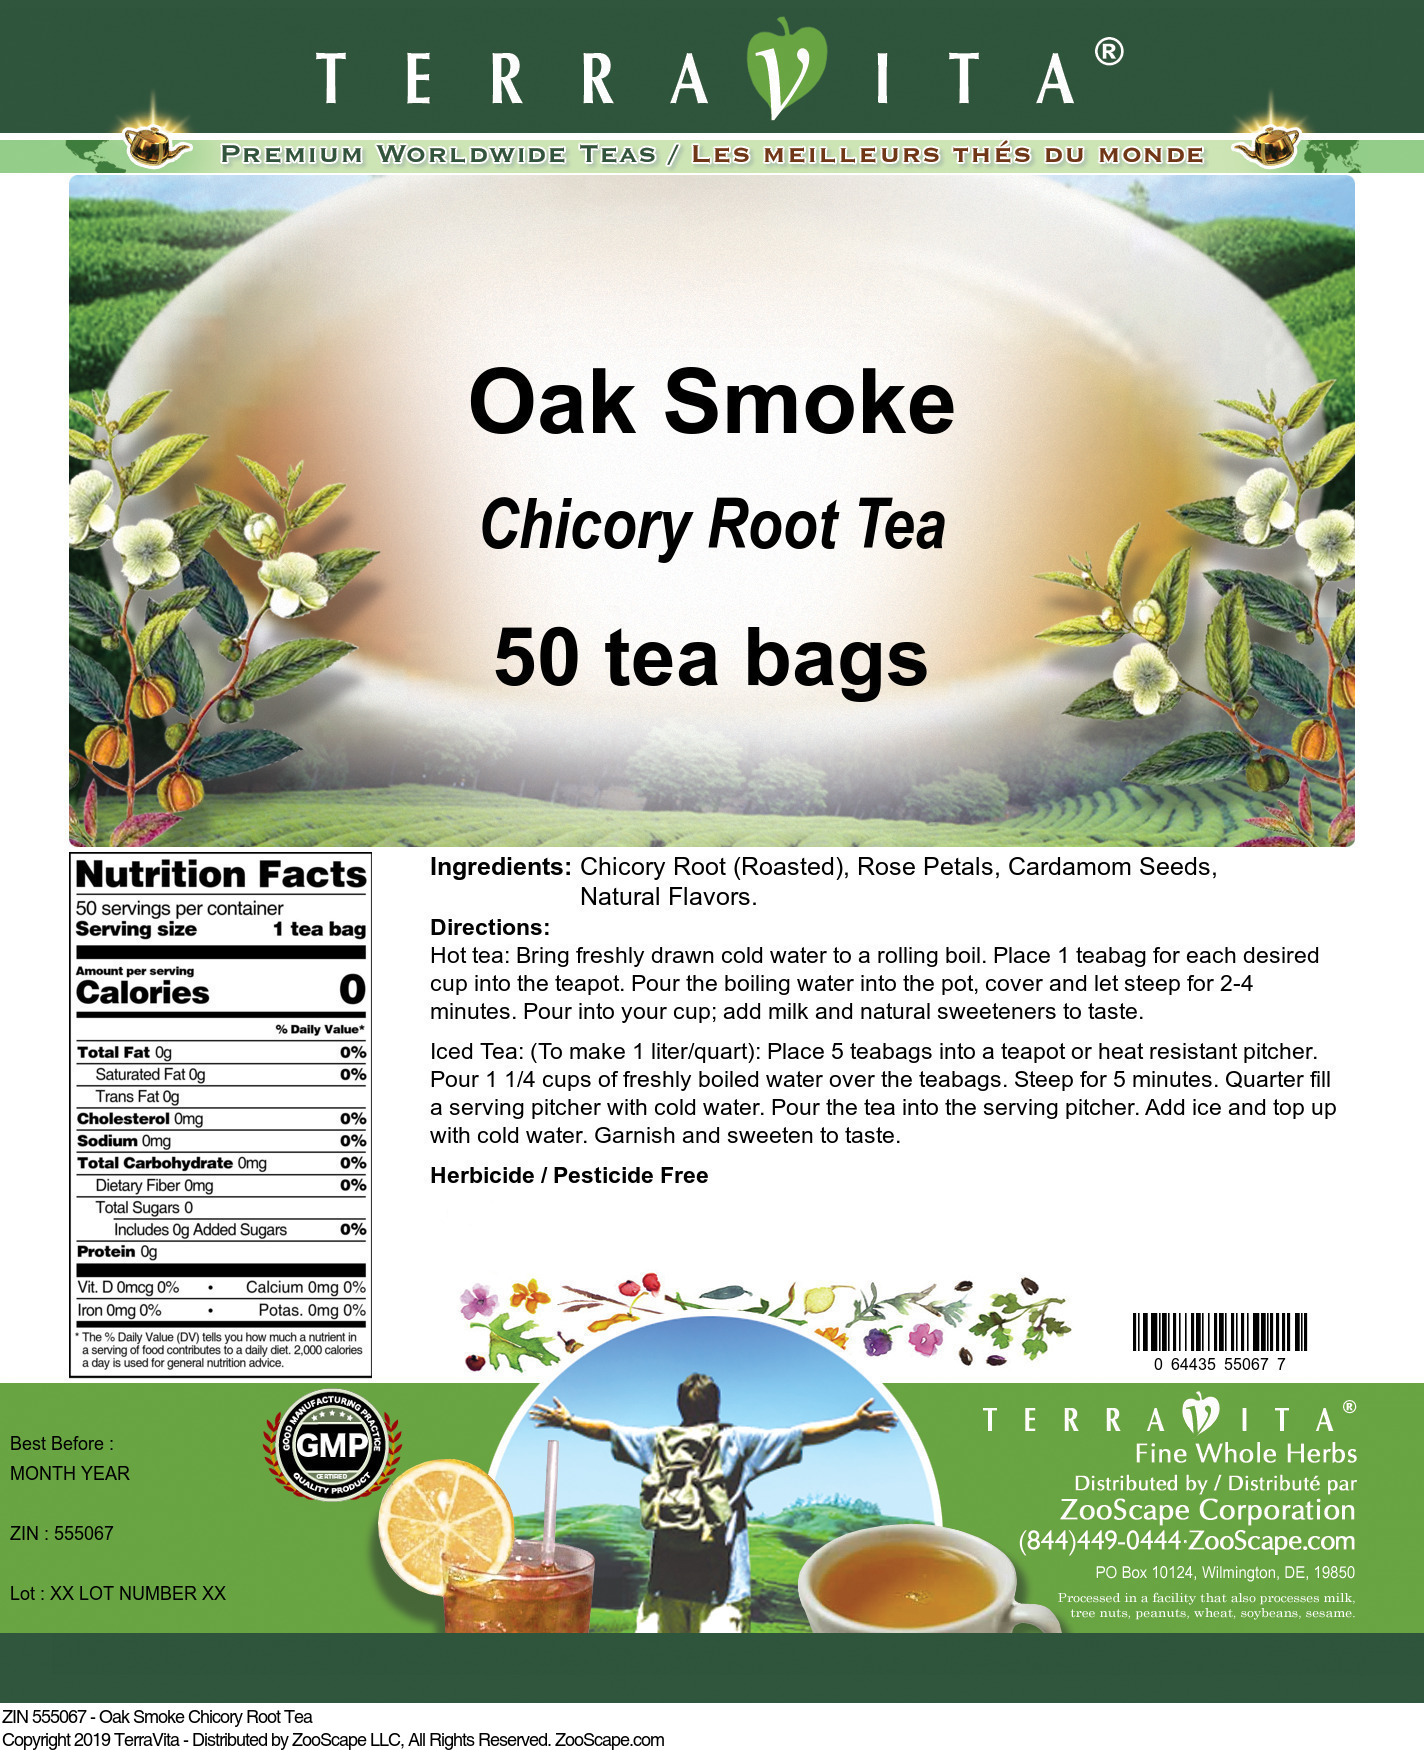 Oak Smoke Chicory Root Tea